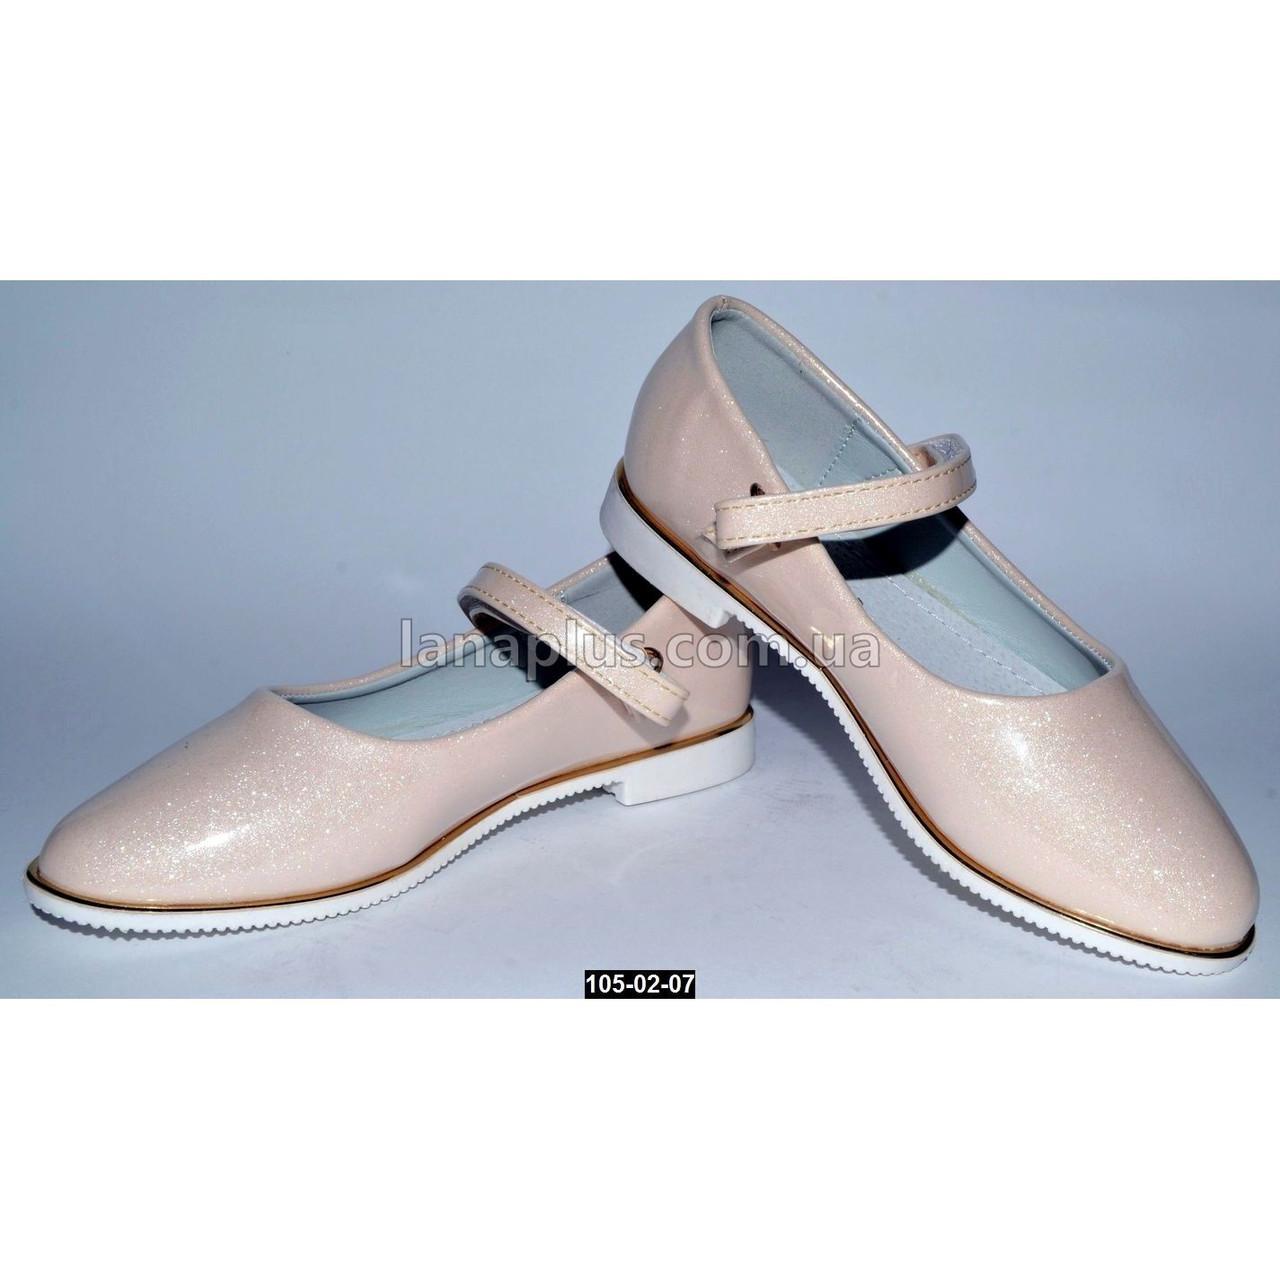 Нарядные туфли для девочки, 26 размер (18 см), кожаная стелька, супинатор